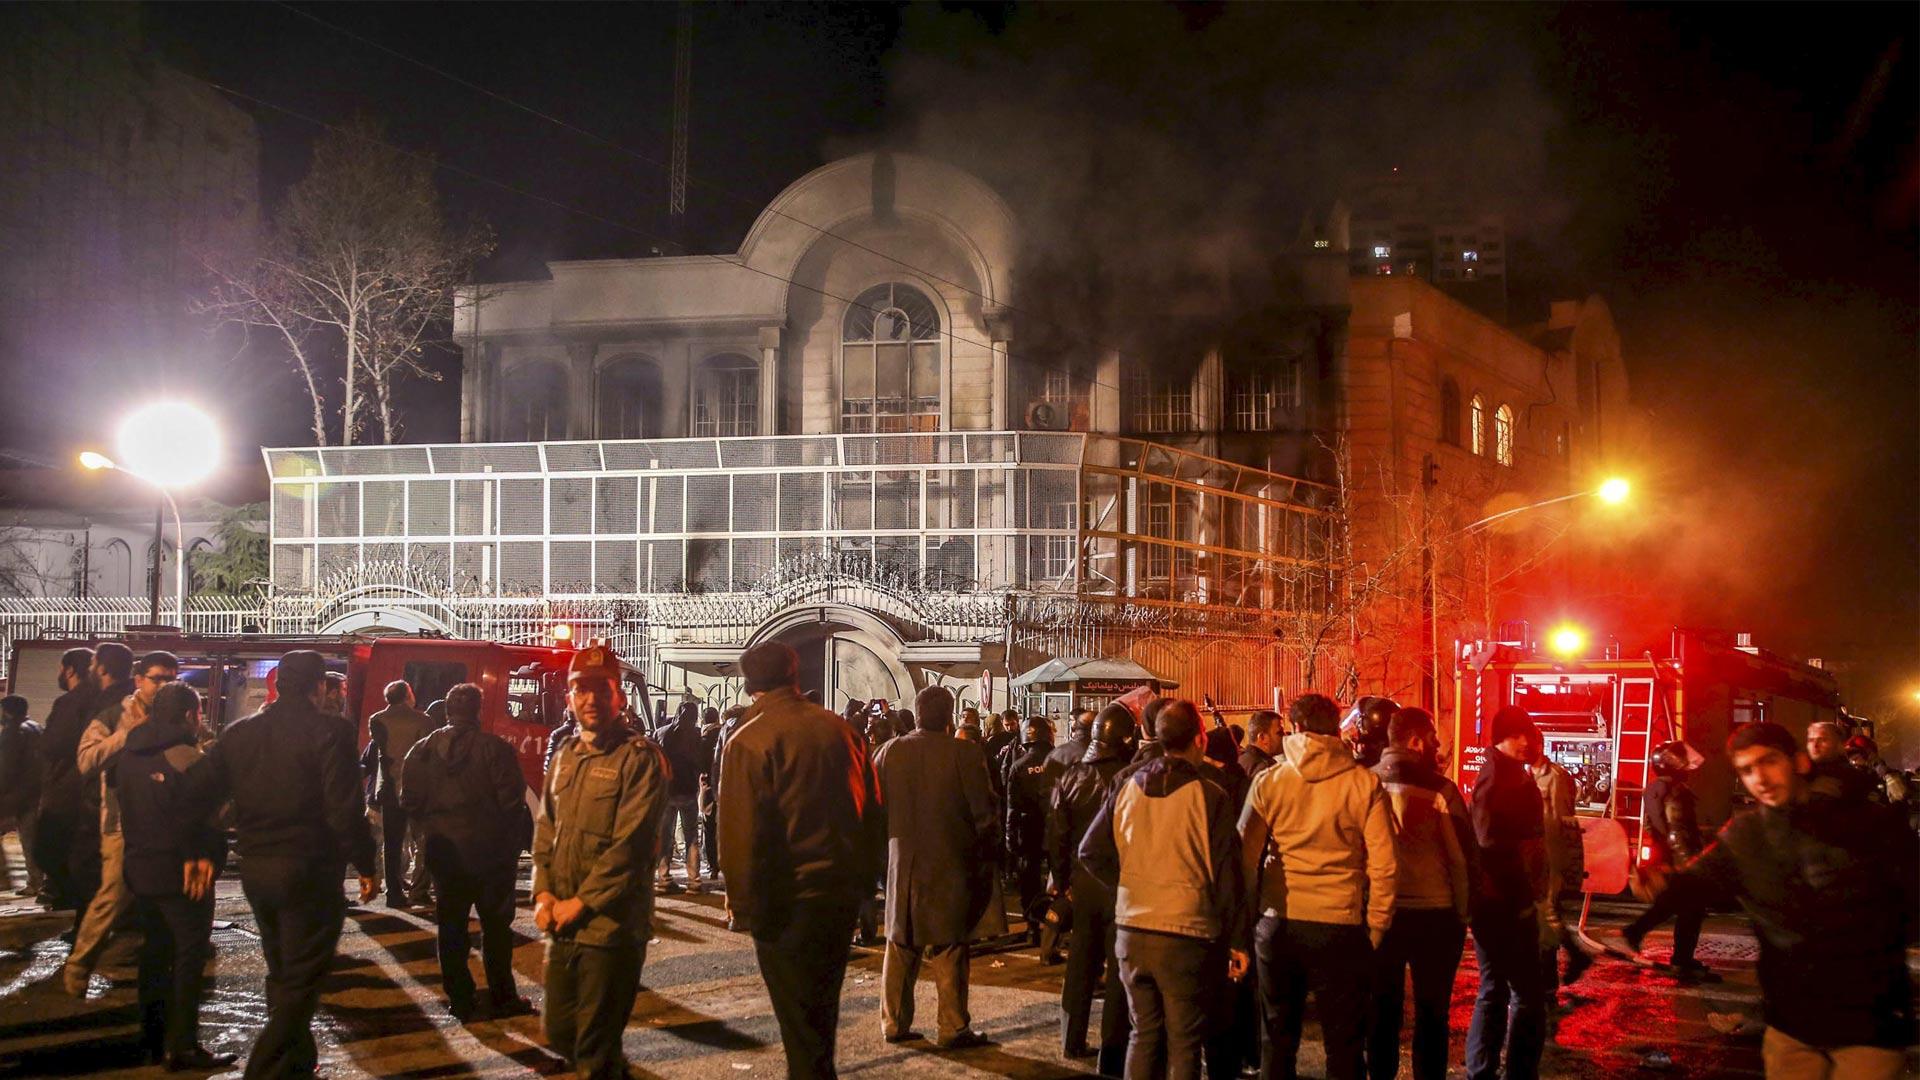 La petición se hace luego del asalto hace tres días a dos sedes diplomáticas saudíes en Irán